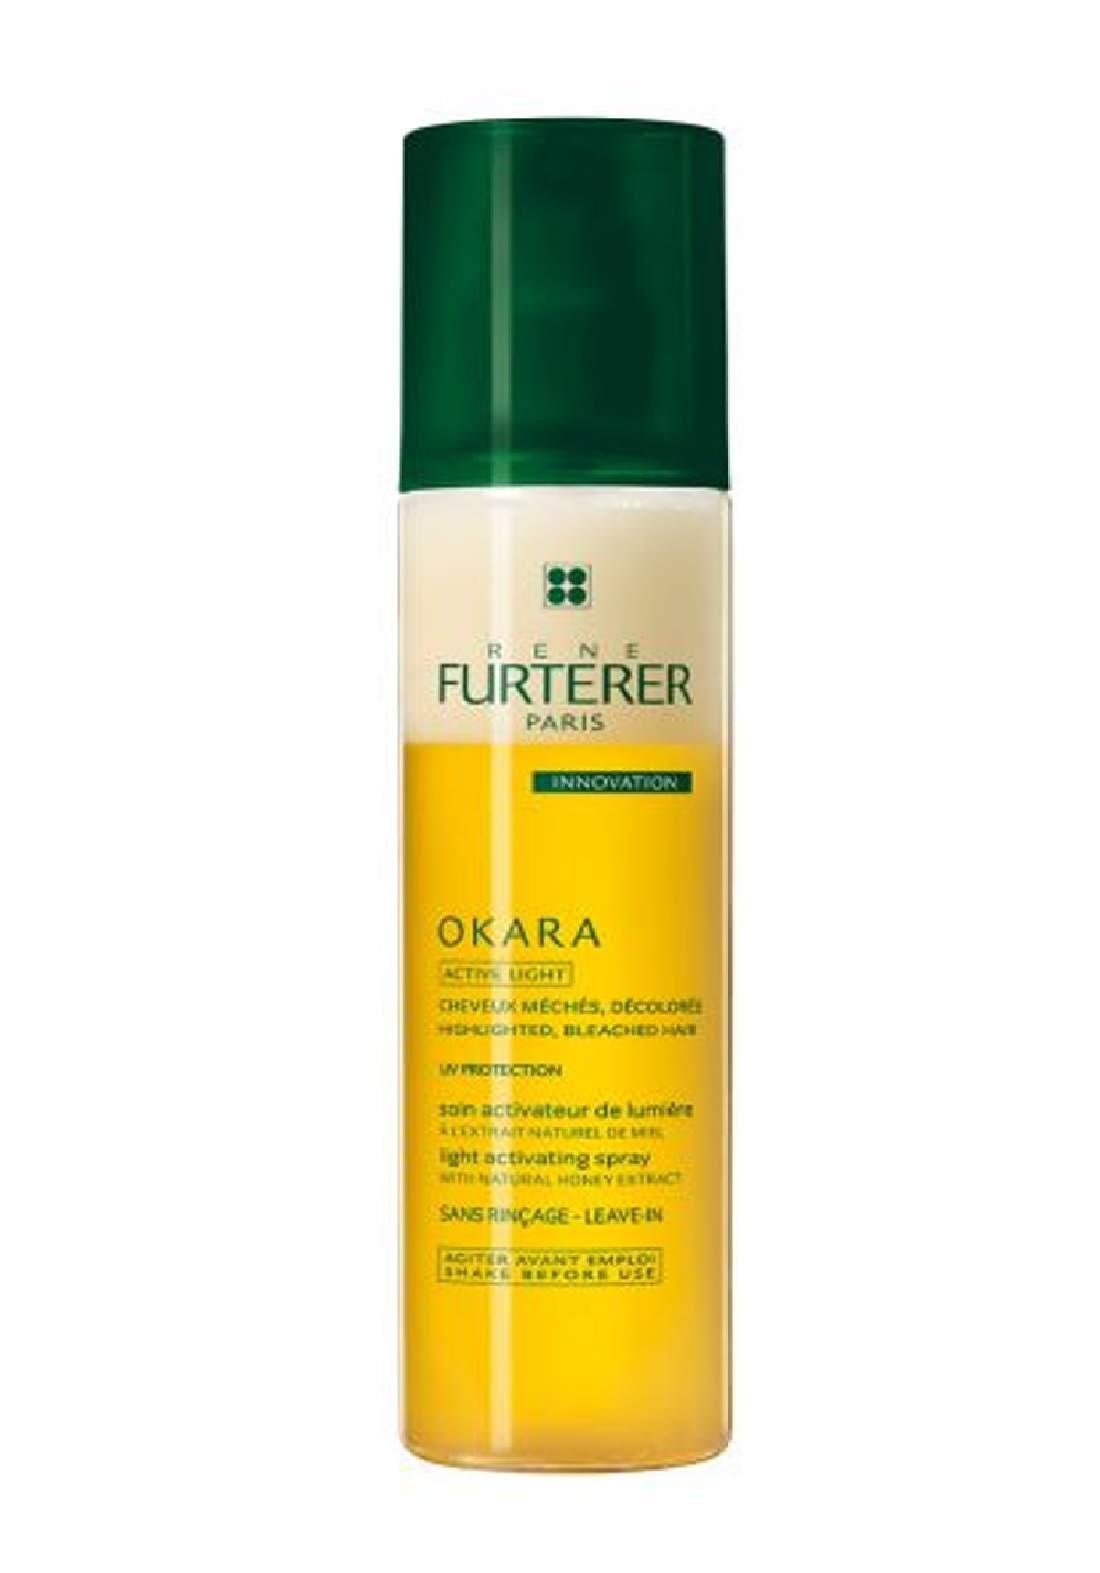 RENE FURTERER OKARA light activating spray 150 ml سبري تكثيف ومعالجة الشعر